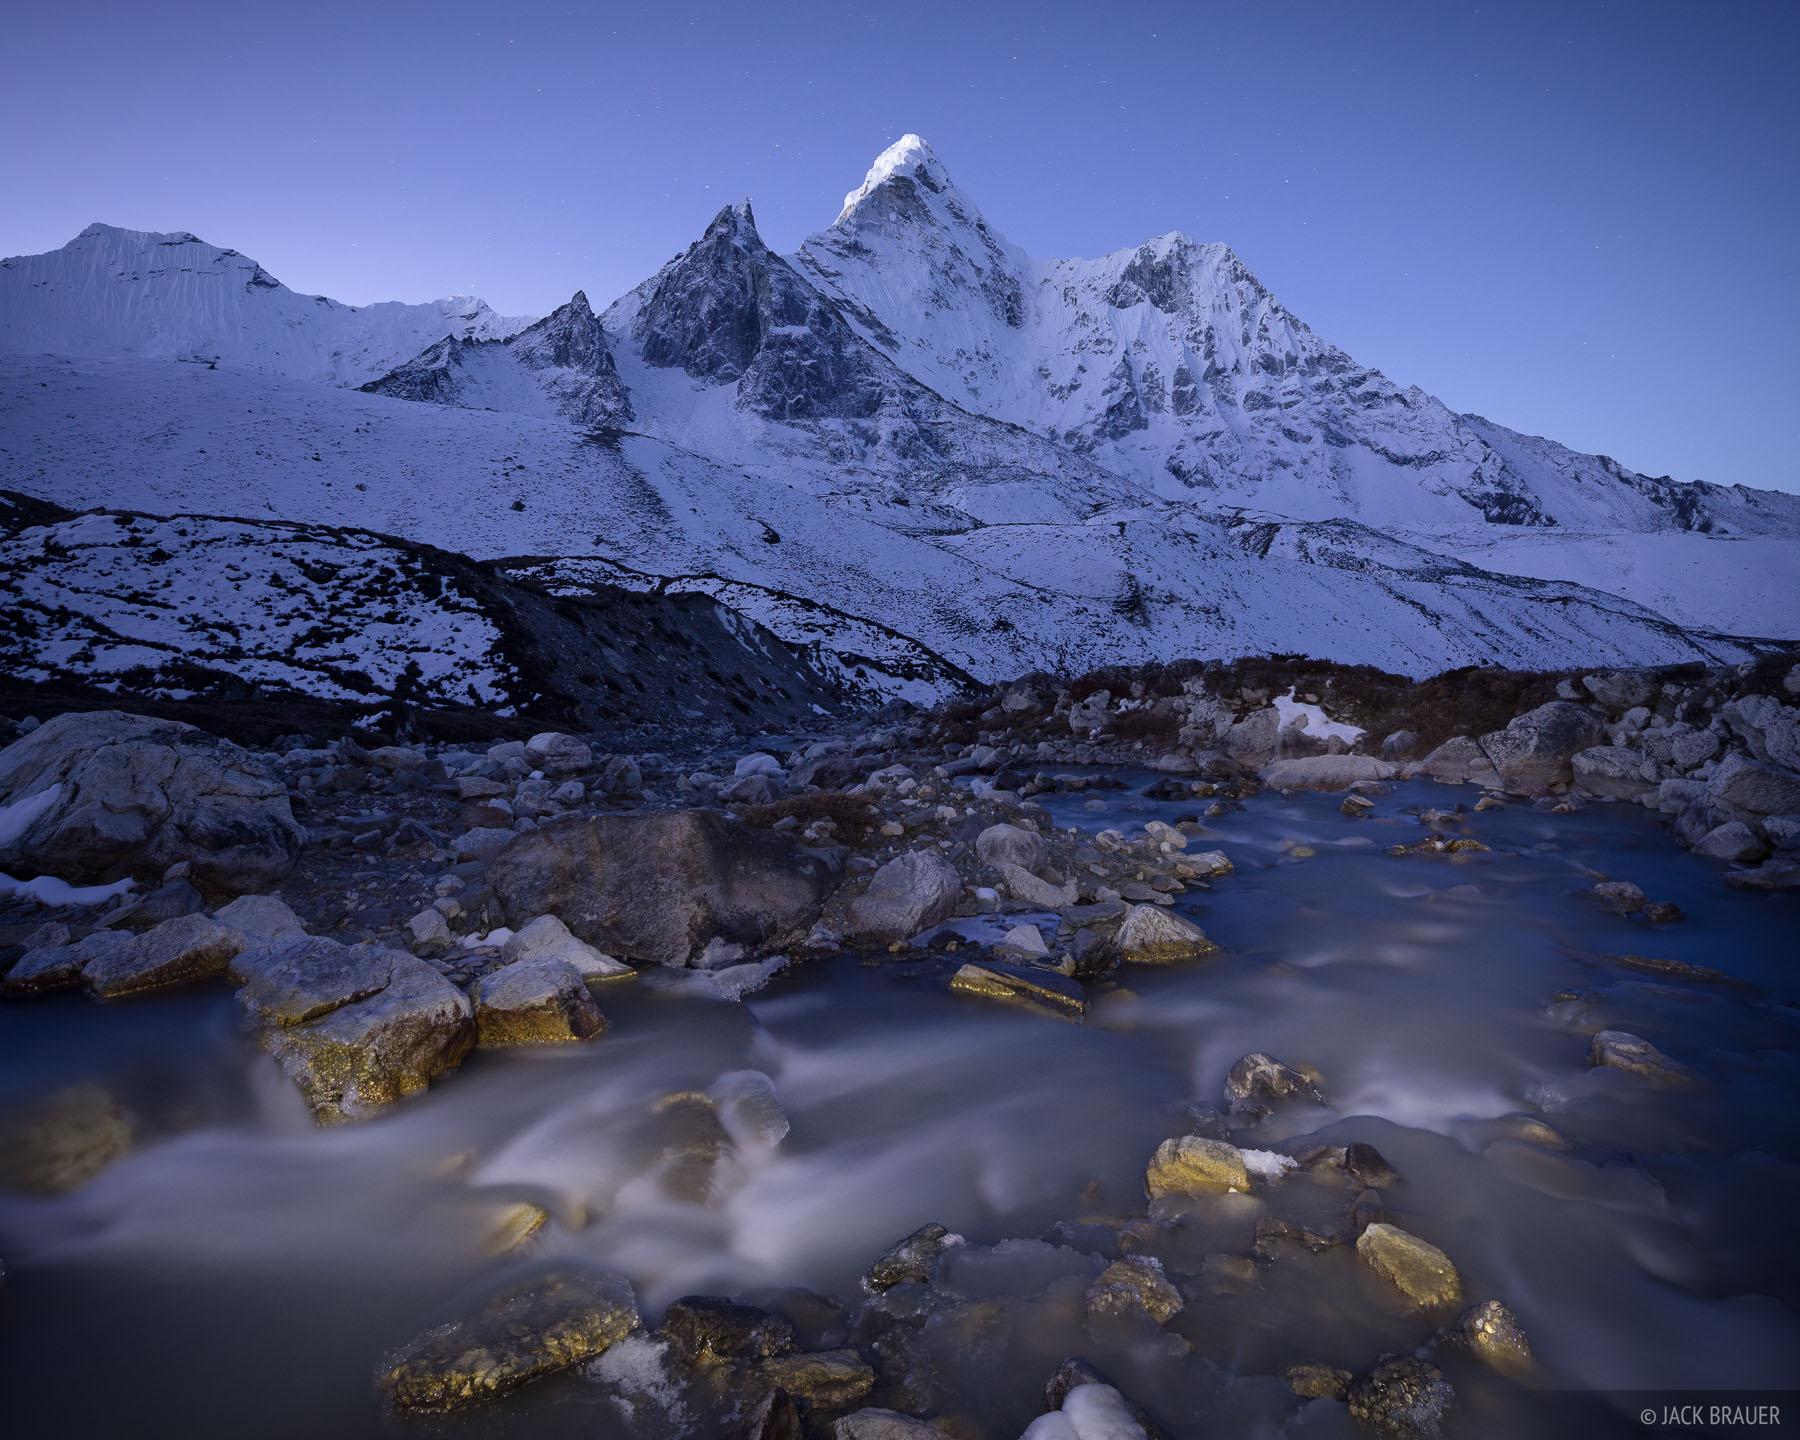 Ama Dablam,Asia,Himalaya,Khumbu,Nepal, Chhukhung, photo